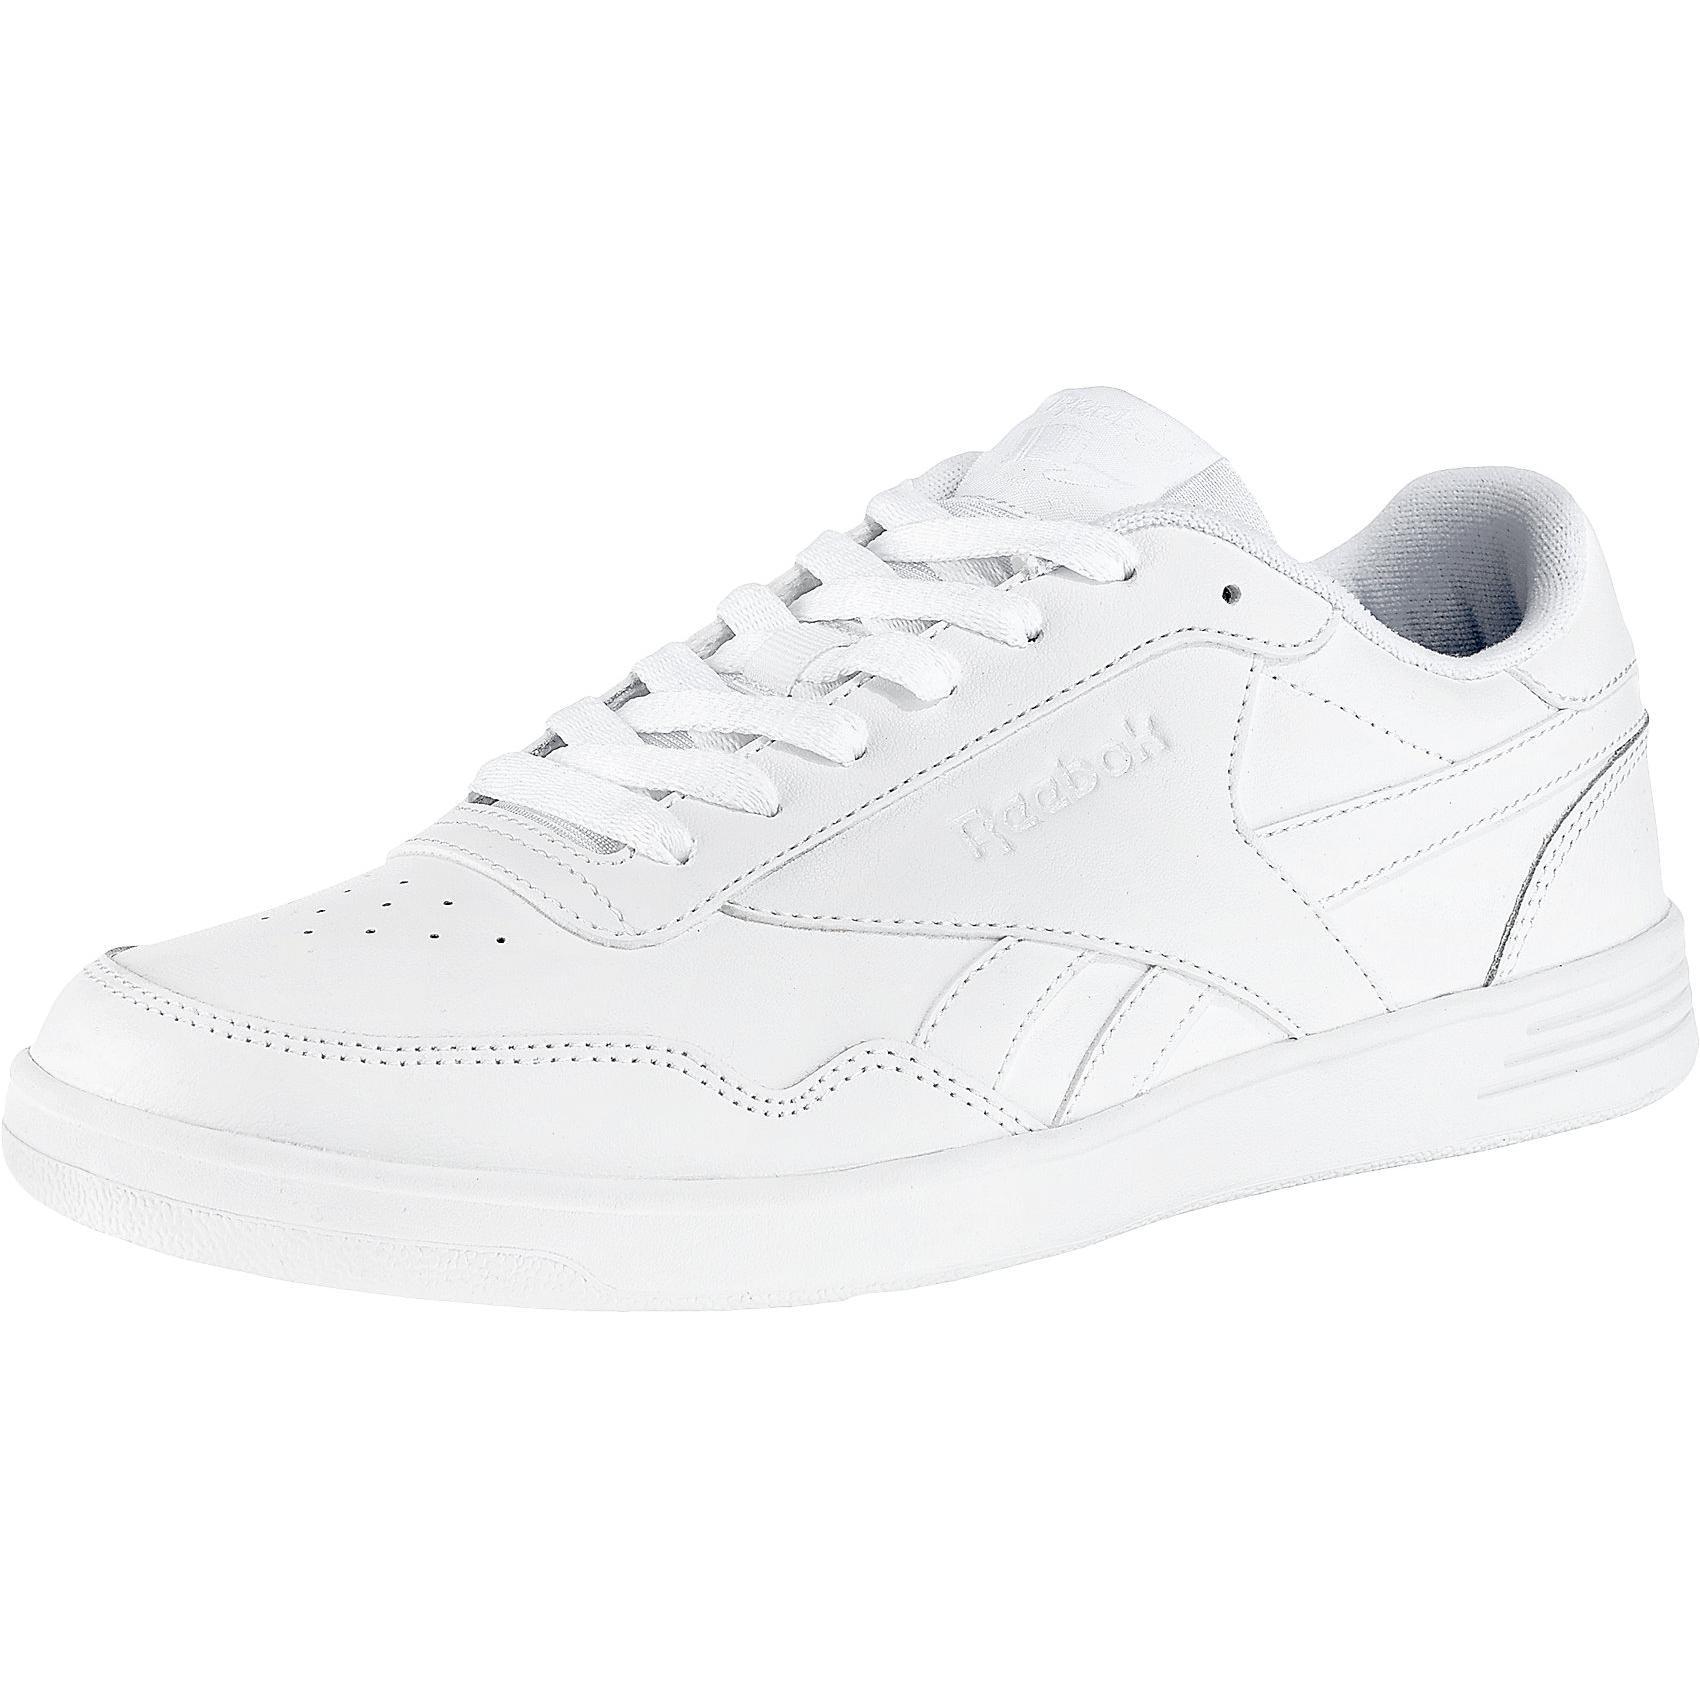 Neu Herren Schuhe online bestellen » REWE PO6bF7Eq diane